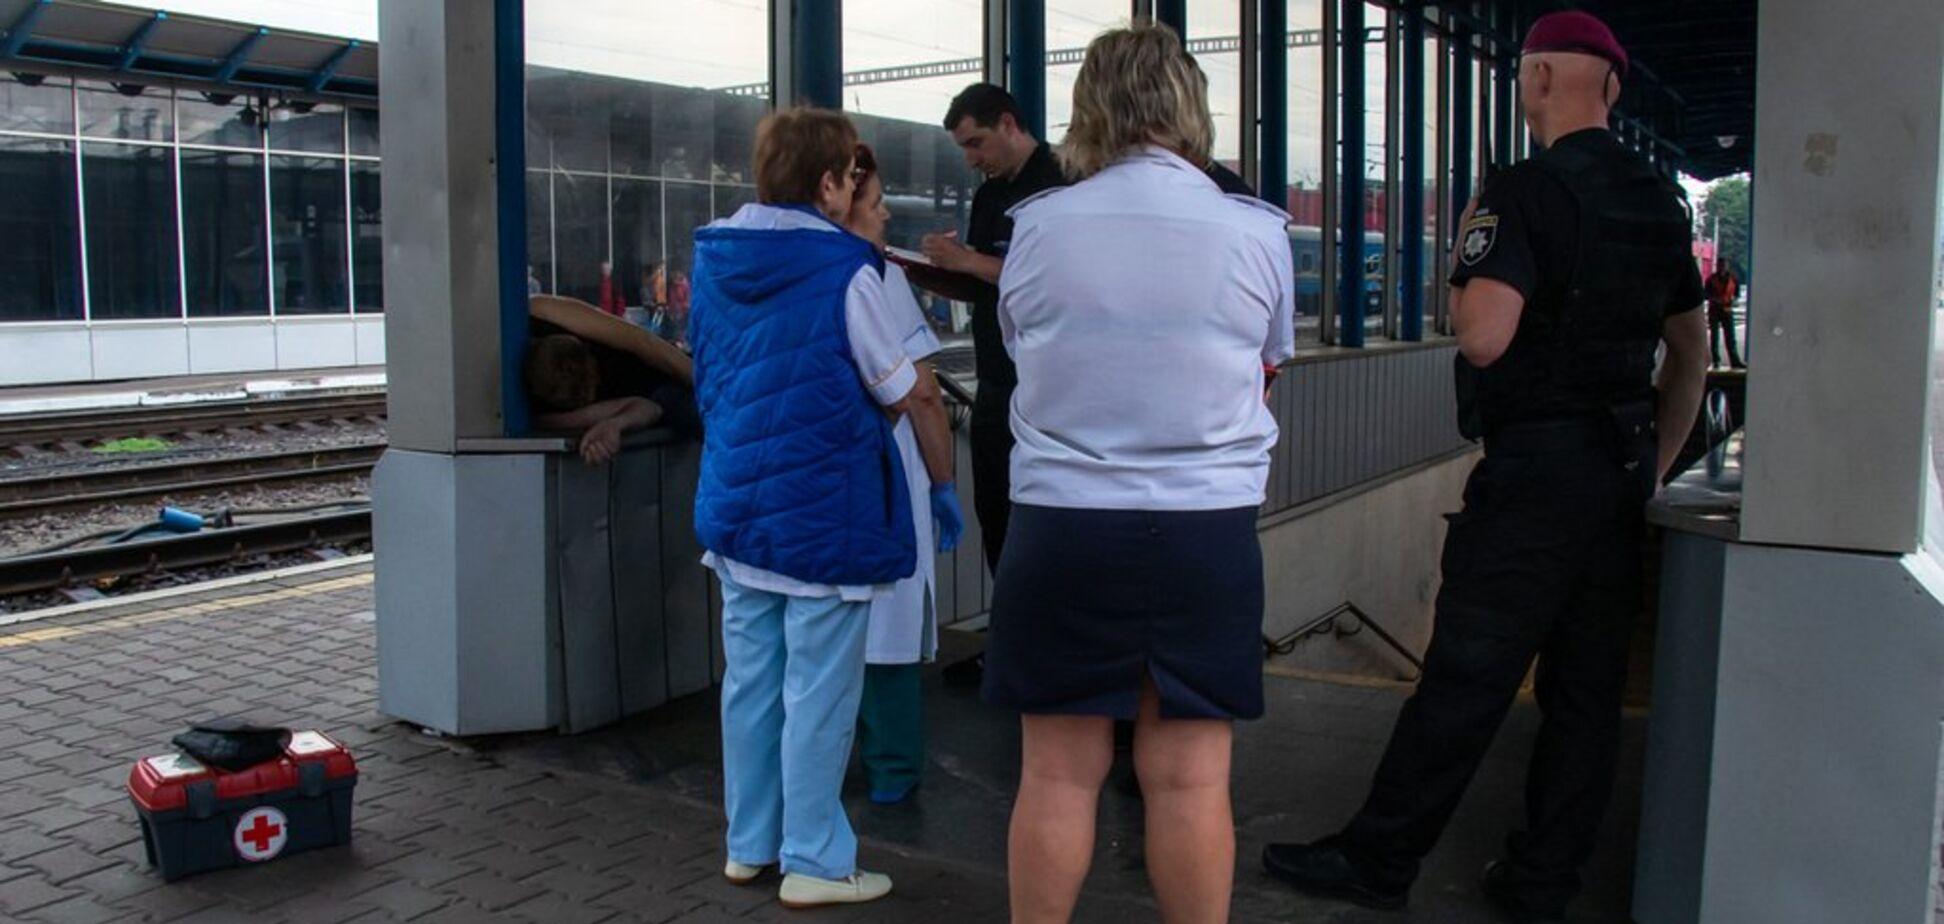 В Киеве на вокзале обнаружили труп: первые подробности